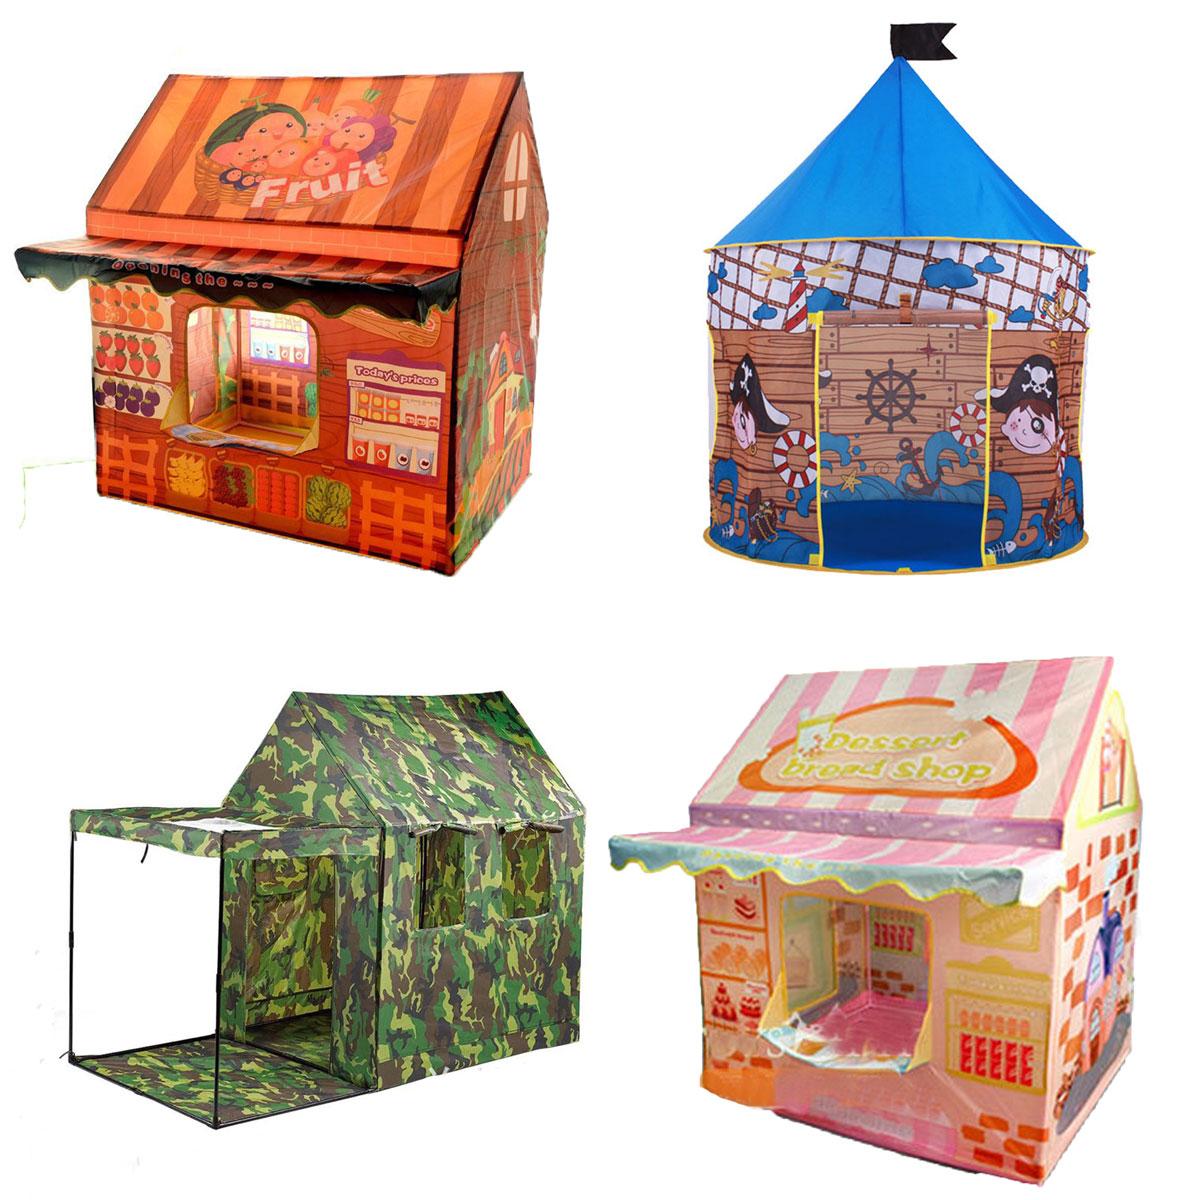 Замок принцессы играть палатки для девочек и мальчиков Игрушки best Рождественский подарок на день рождения складной играть театр Портативн... ...